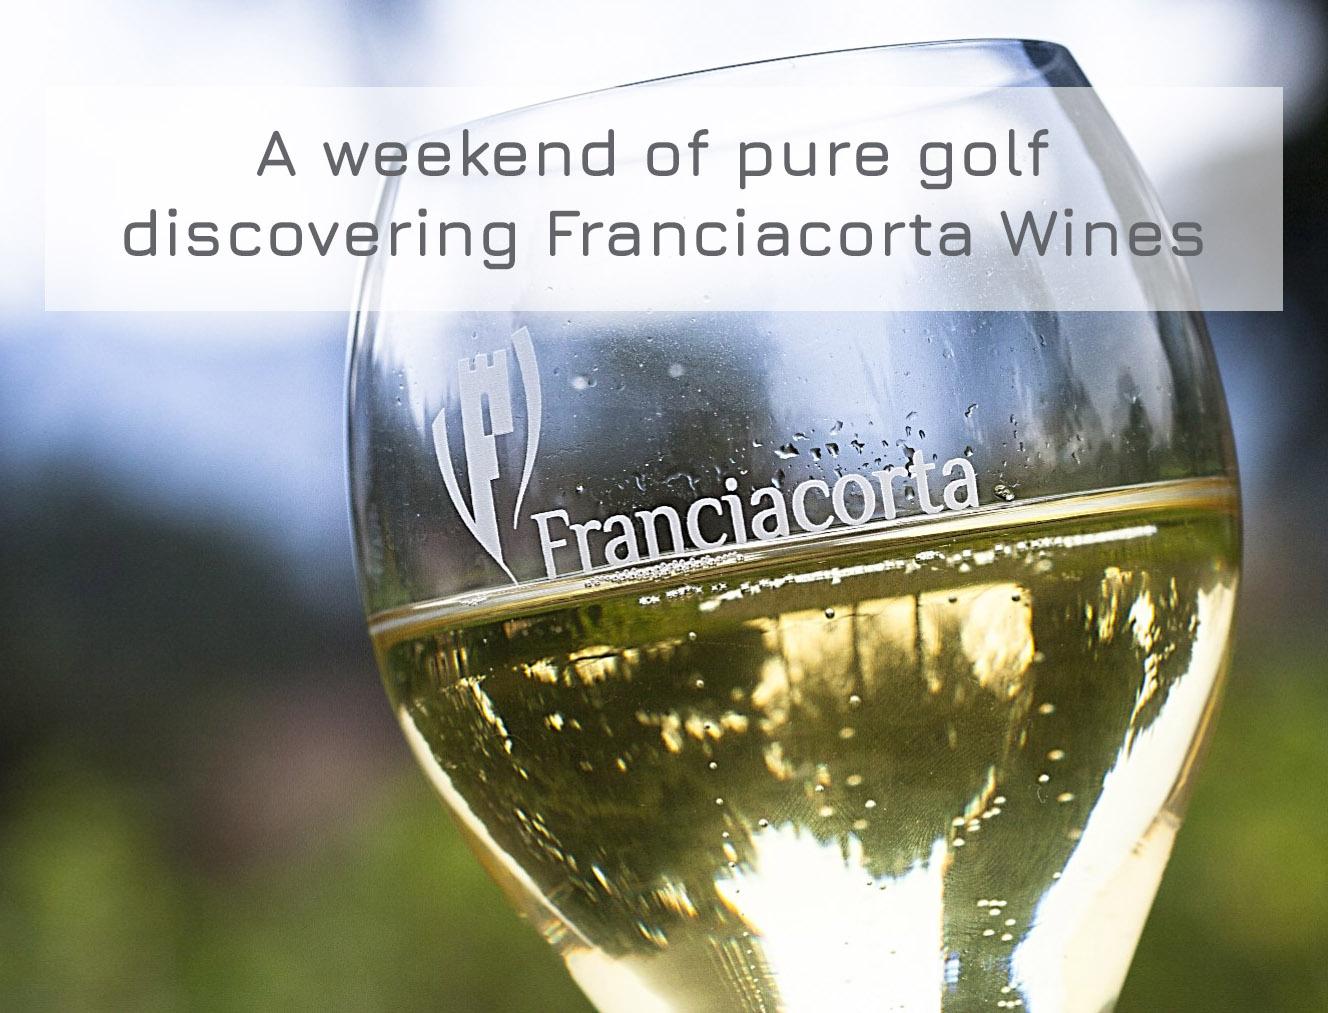 Un weekend di golf alla scoperta del Franciacorta